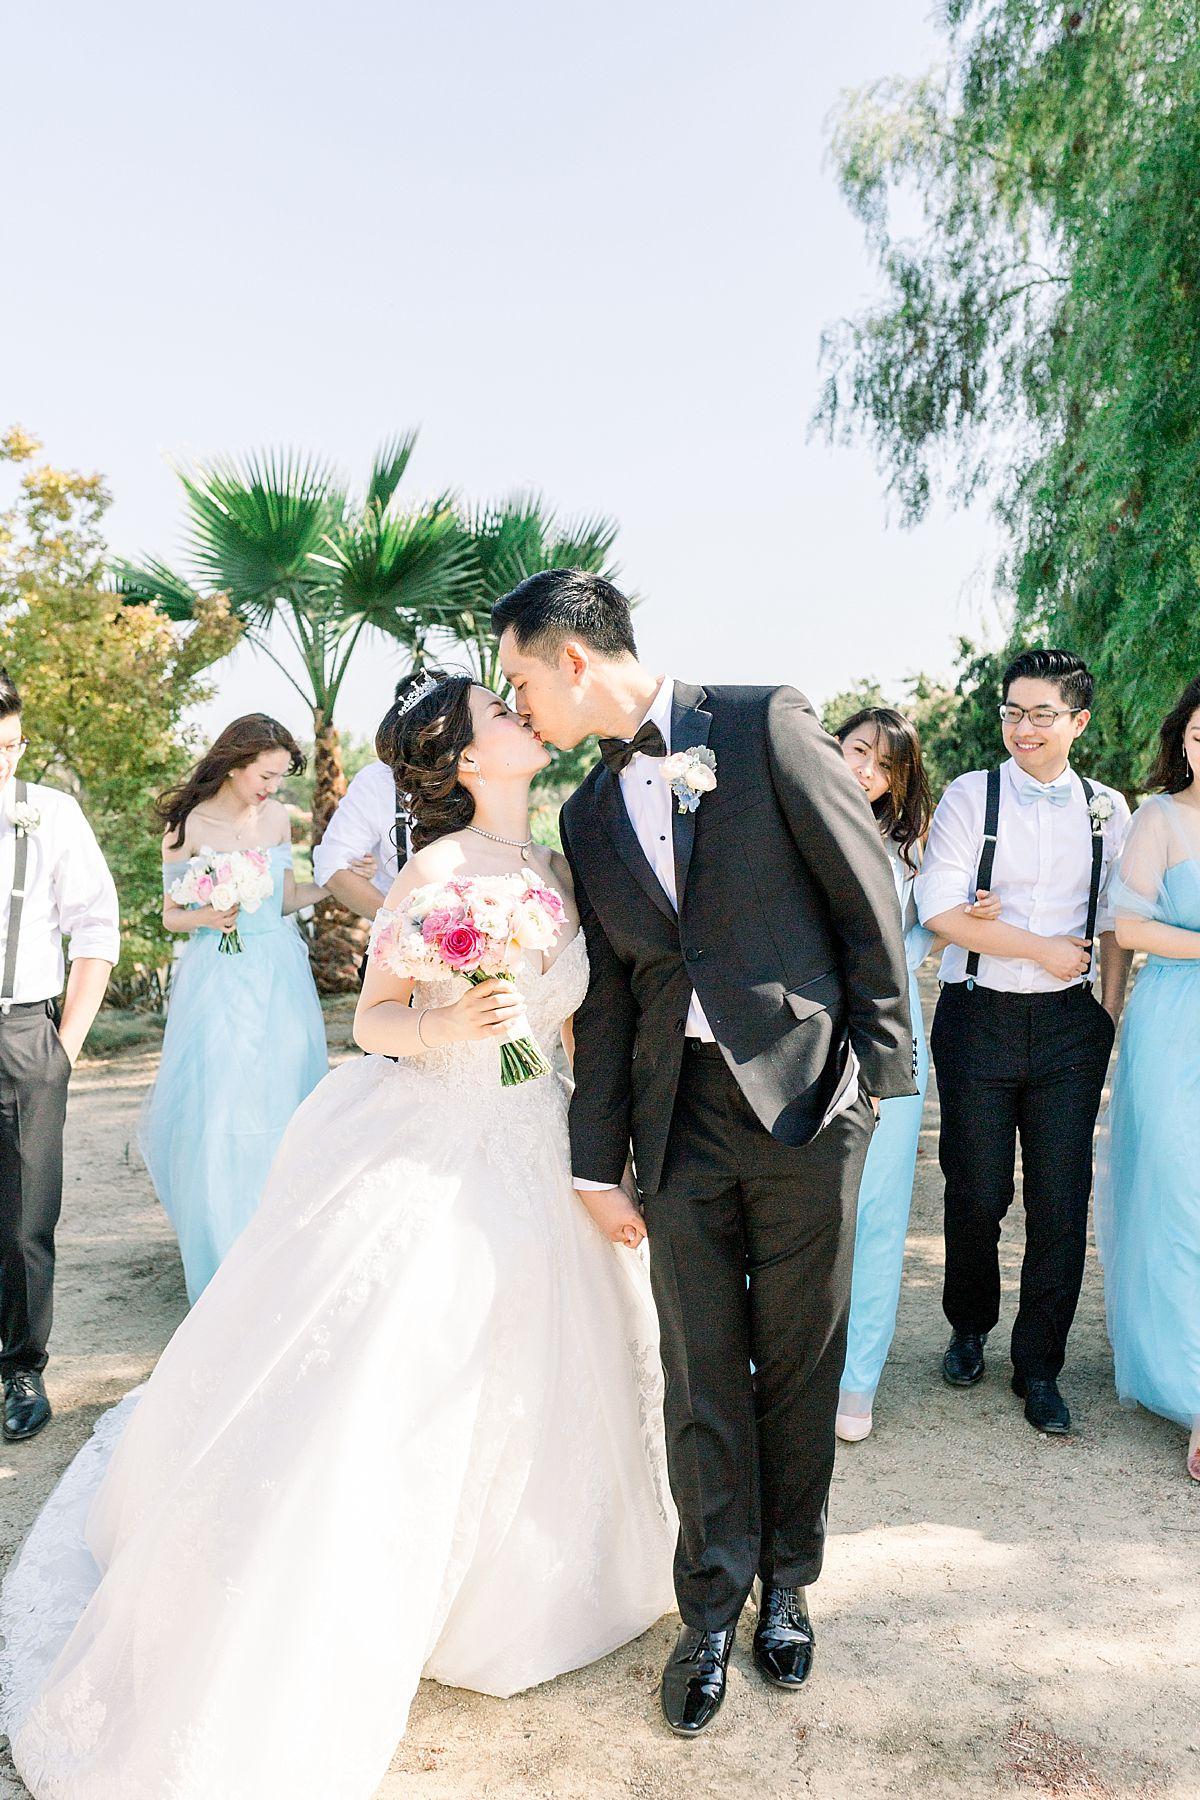 Newberry Estate Vineyards Wedding - Ashley Baumgartner - Jasmine and Johhny - Bay Area Wedding Photographer - Sacramento Wedding Photographer_0020.jpg